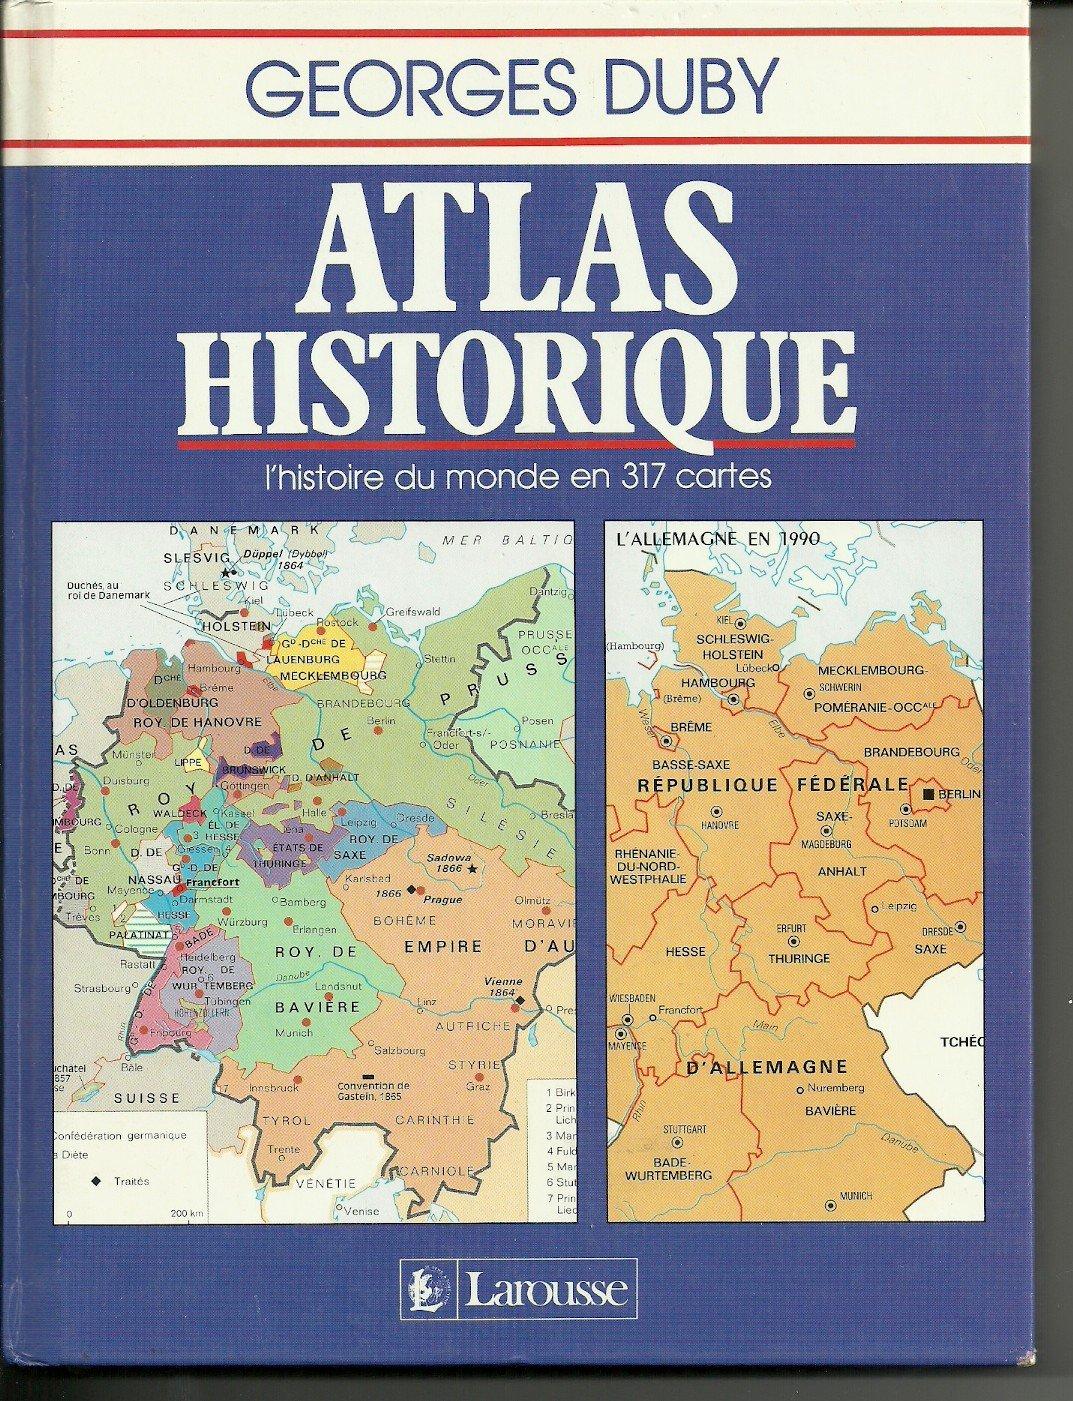 Atlas historique : L'histoire du monde en 317 cartes Relié – 1 août 1991 Georges Duby Michèle Bézille Larousse 2035030145